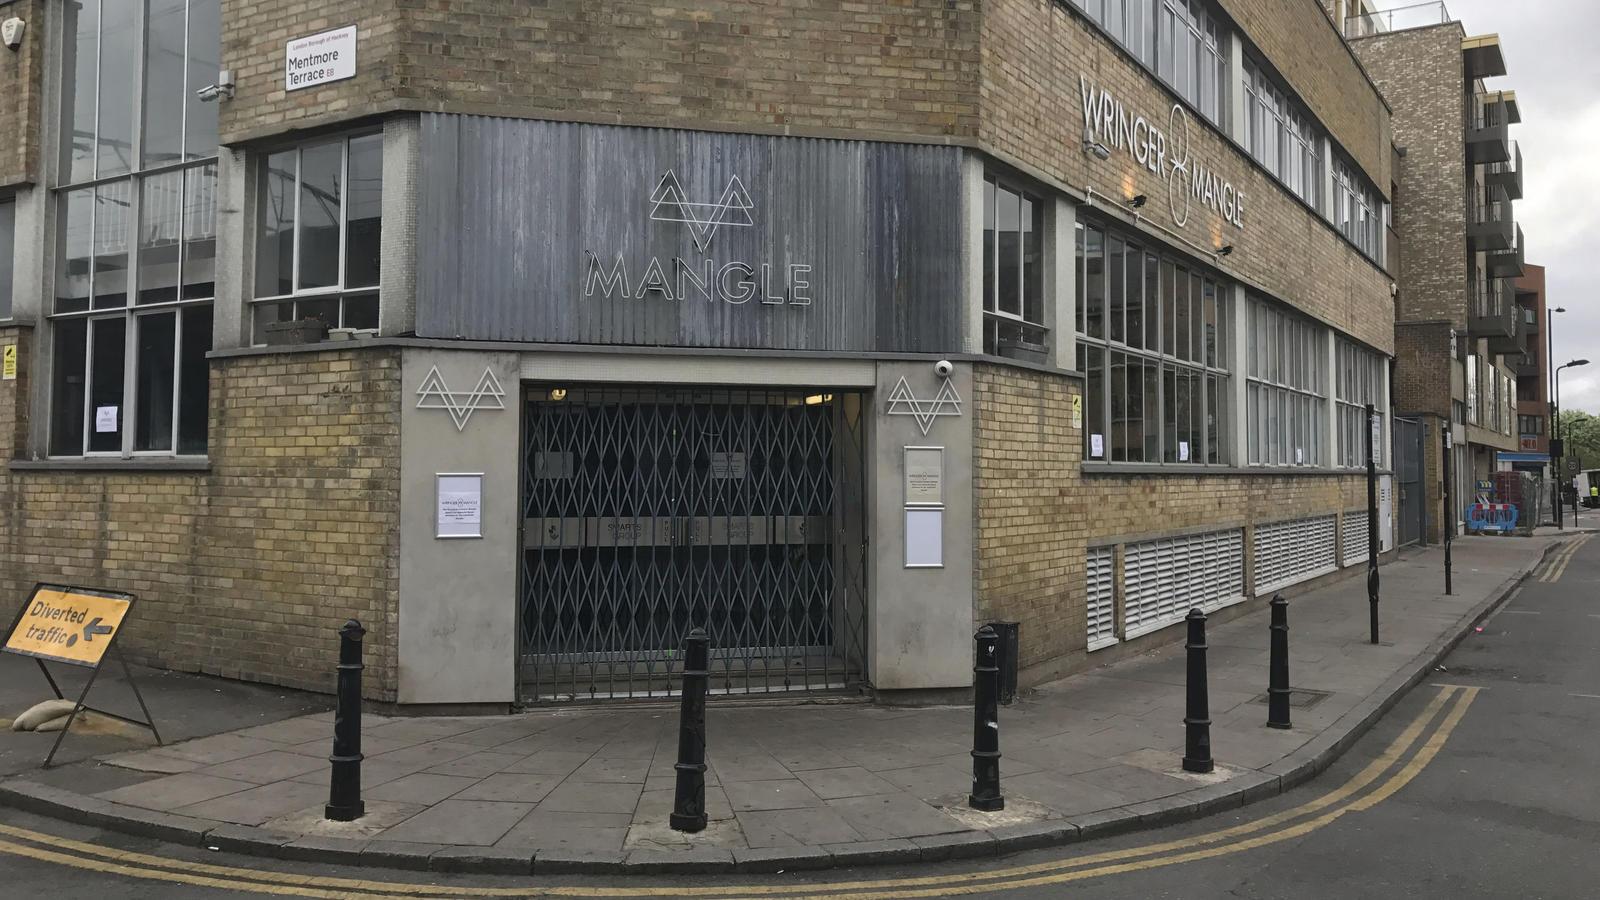 Im Londoner Nachtclub 'Mangle' hatten sich zum Zeitpunkt des Angriffs rund 600 Menschen aufgehalten.